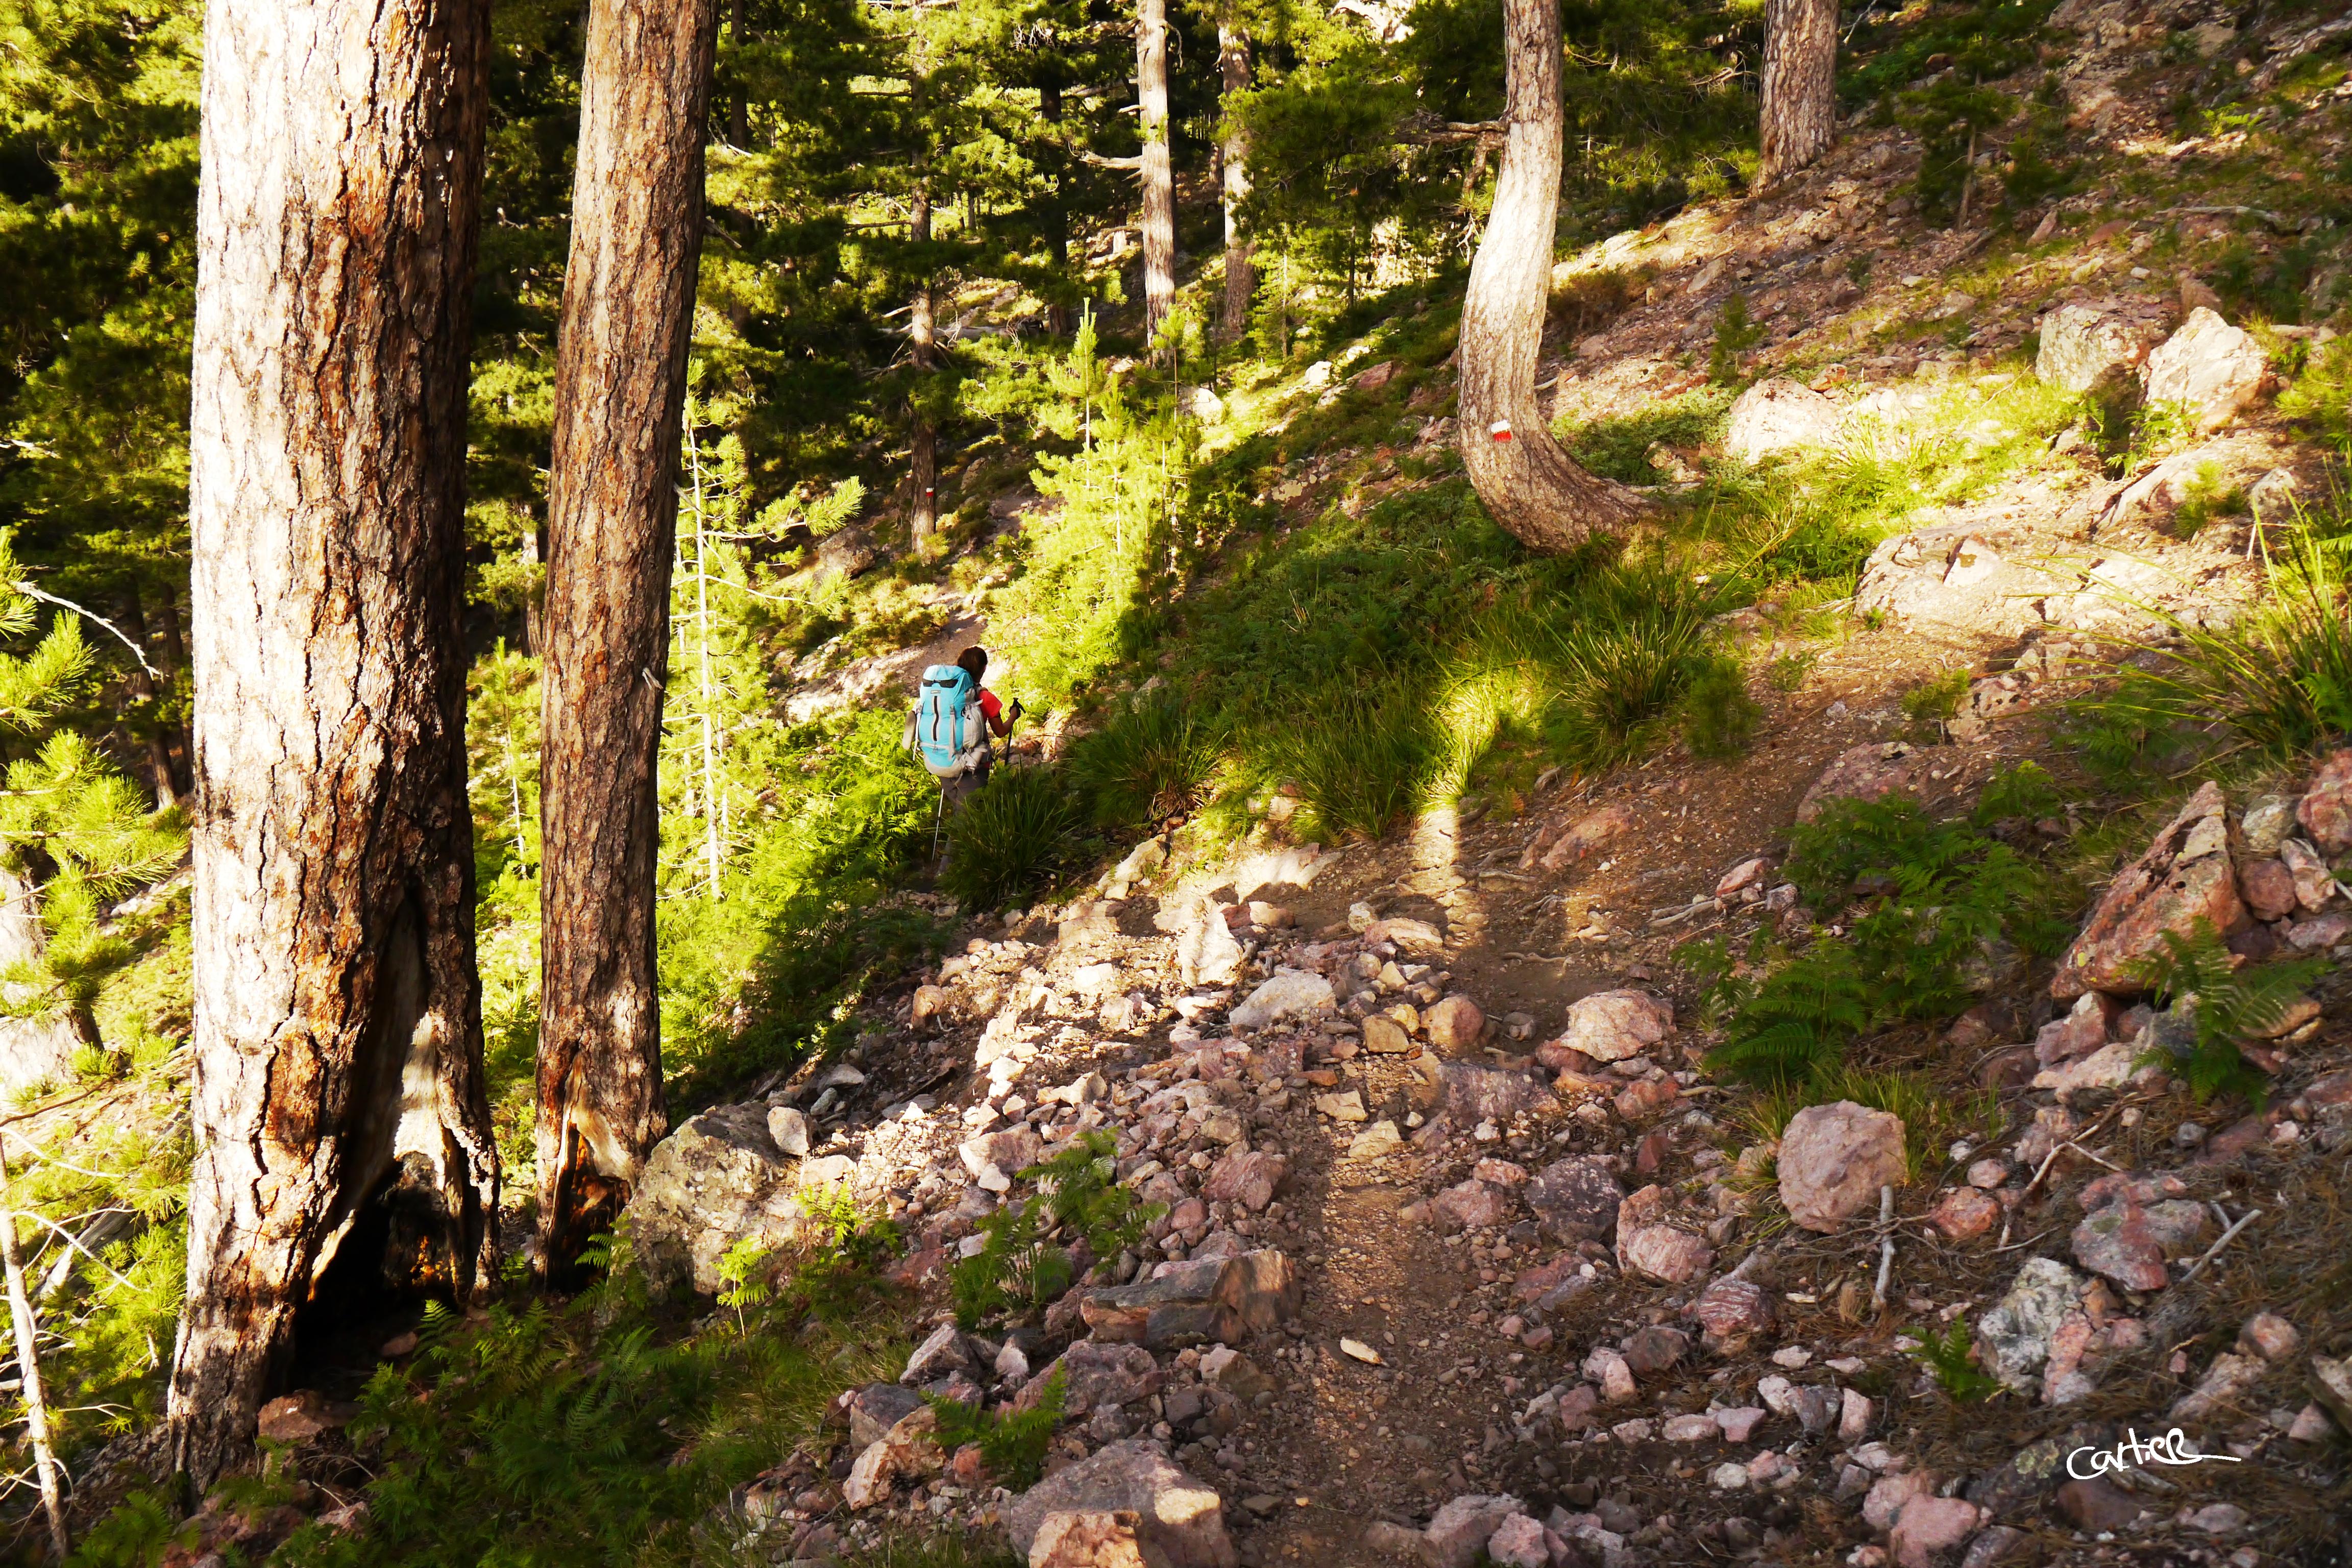 Sentier dans les bois